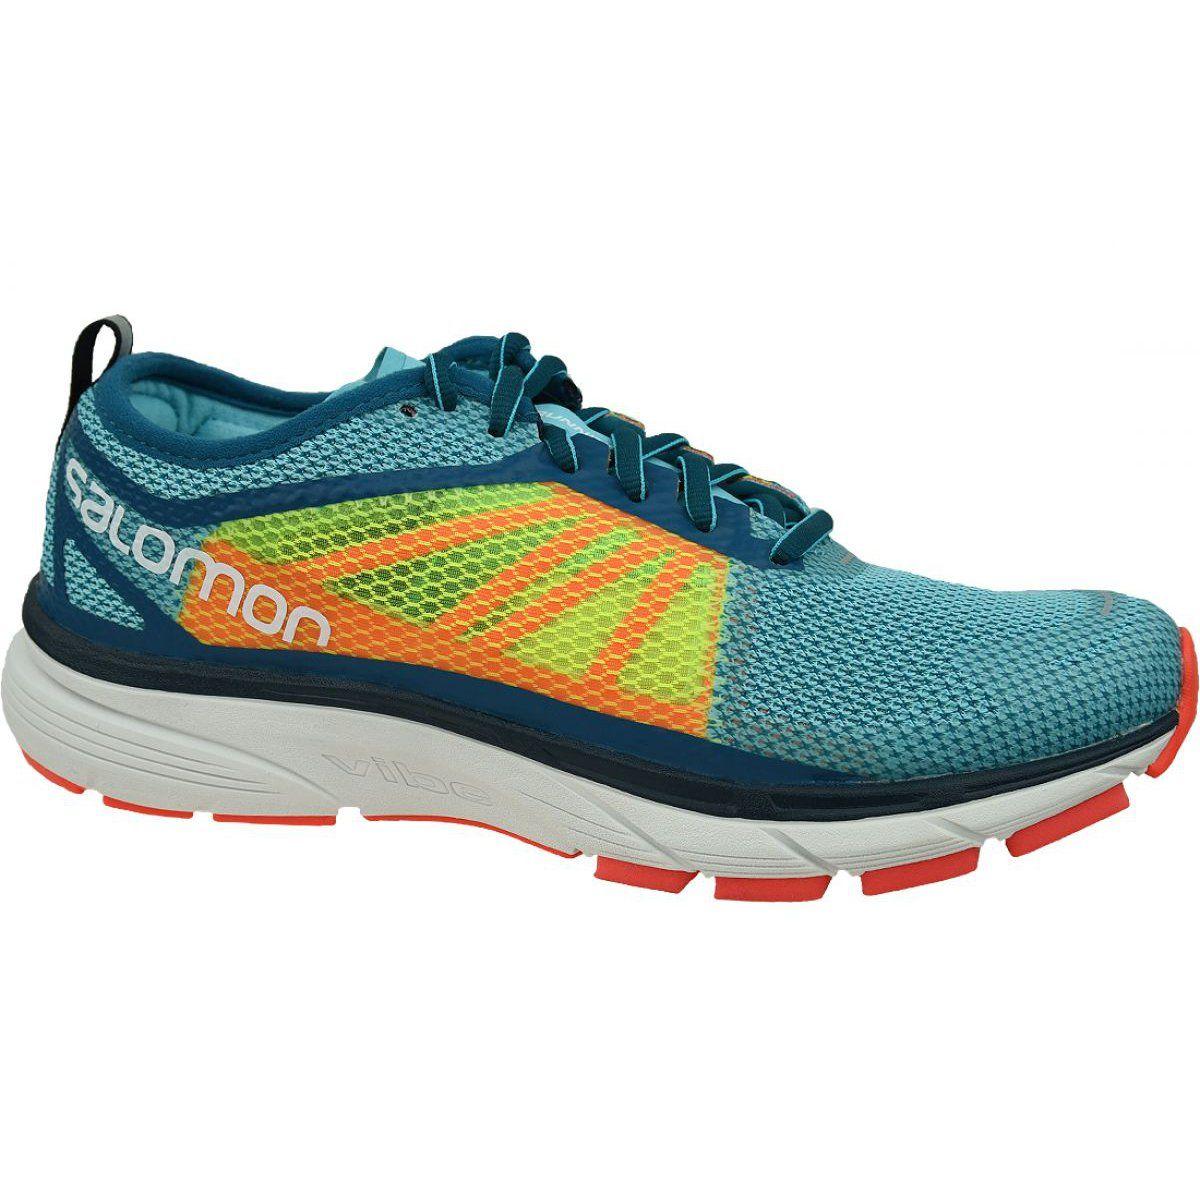 Buty Salomon Sonic Ra W 401438 Niebieskie Wielokolorowe Blue Shoes Salomon Shoes Shoes